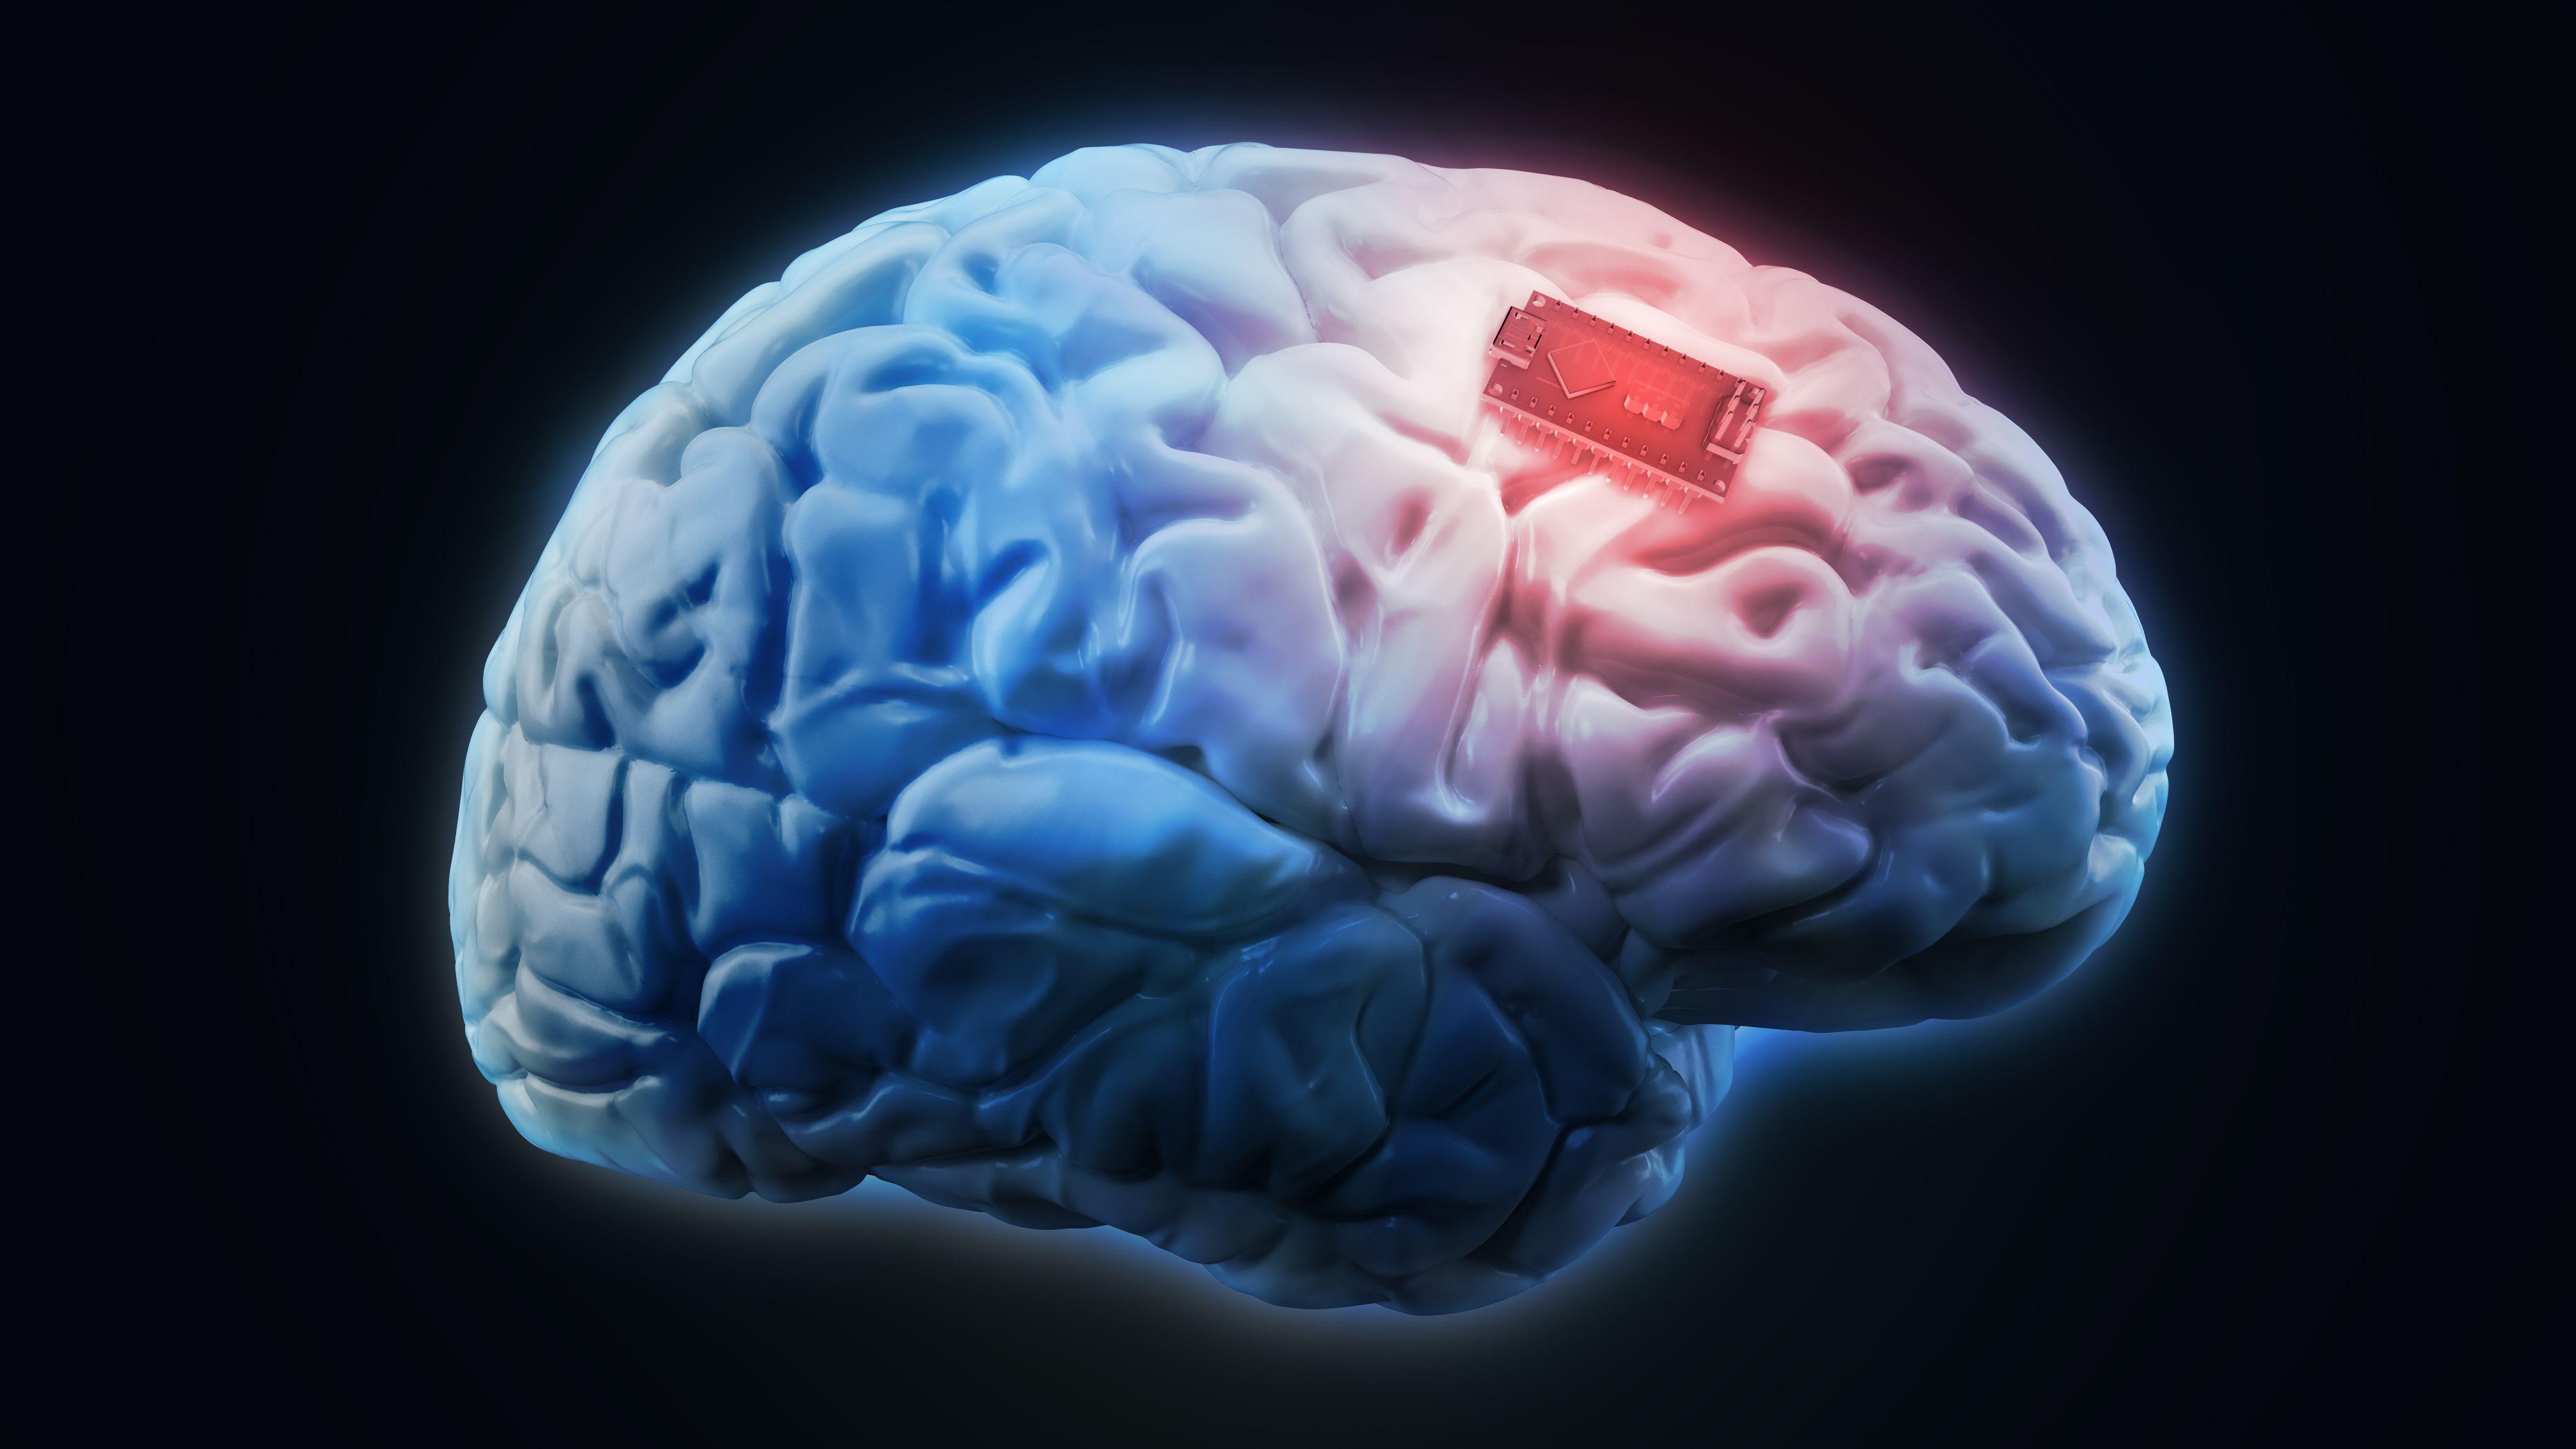 Nå finnes det en databrikke som kan «lage» nye minner i hjernen